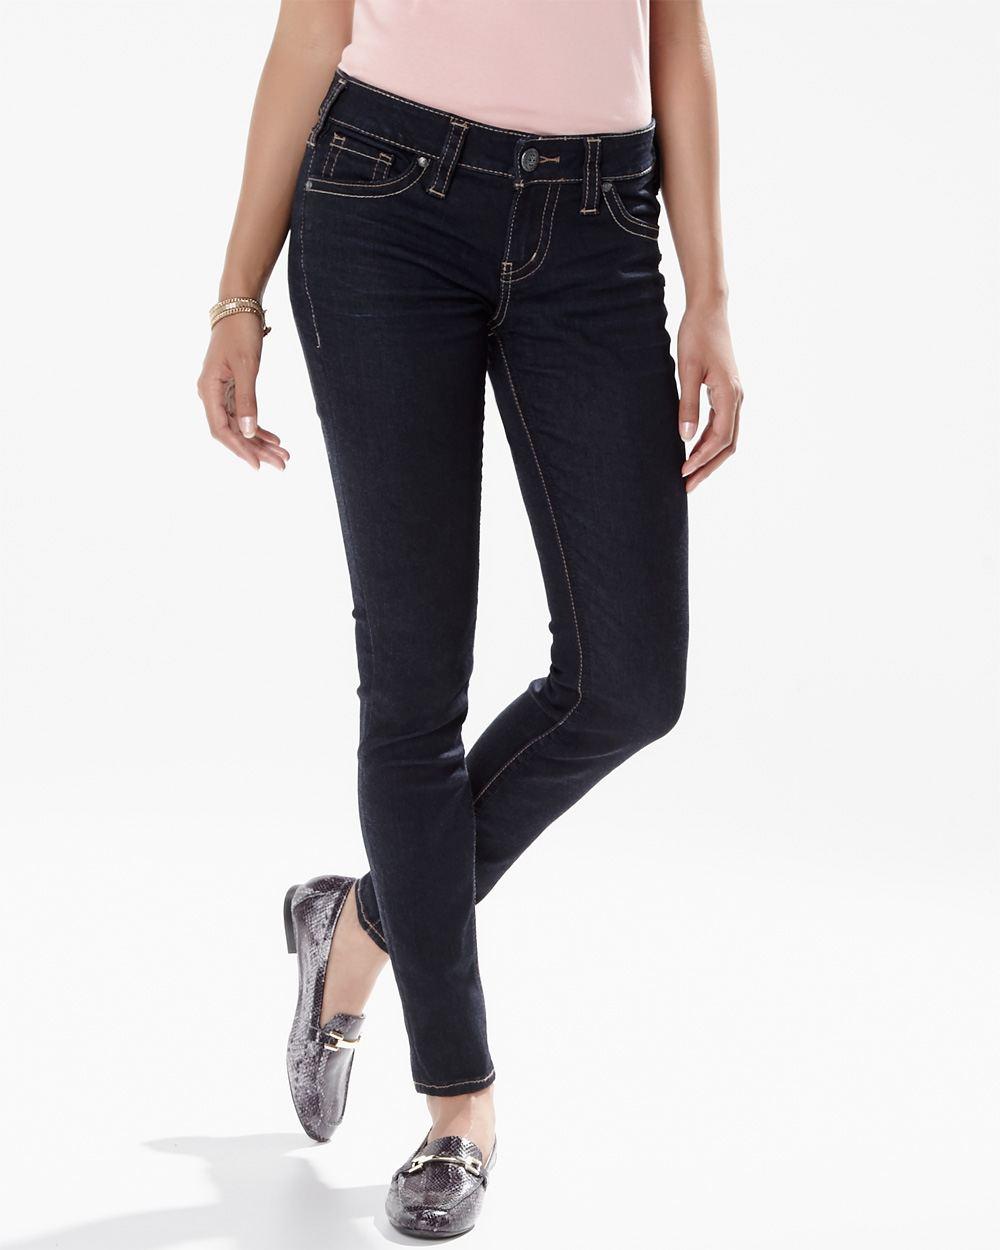 Silver jeans (TM) - Aiko skinny jean in dark blue rinse - 29 inch ...